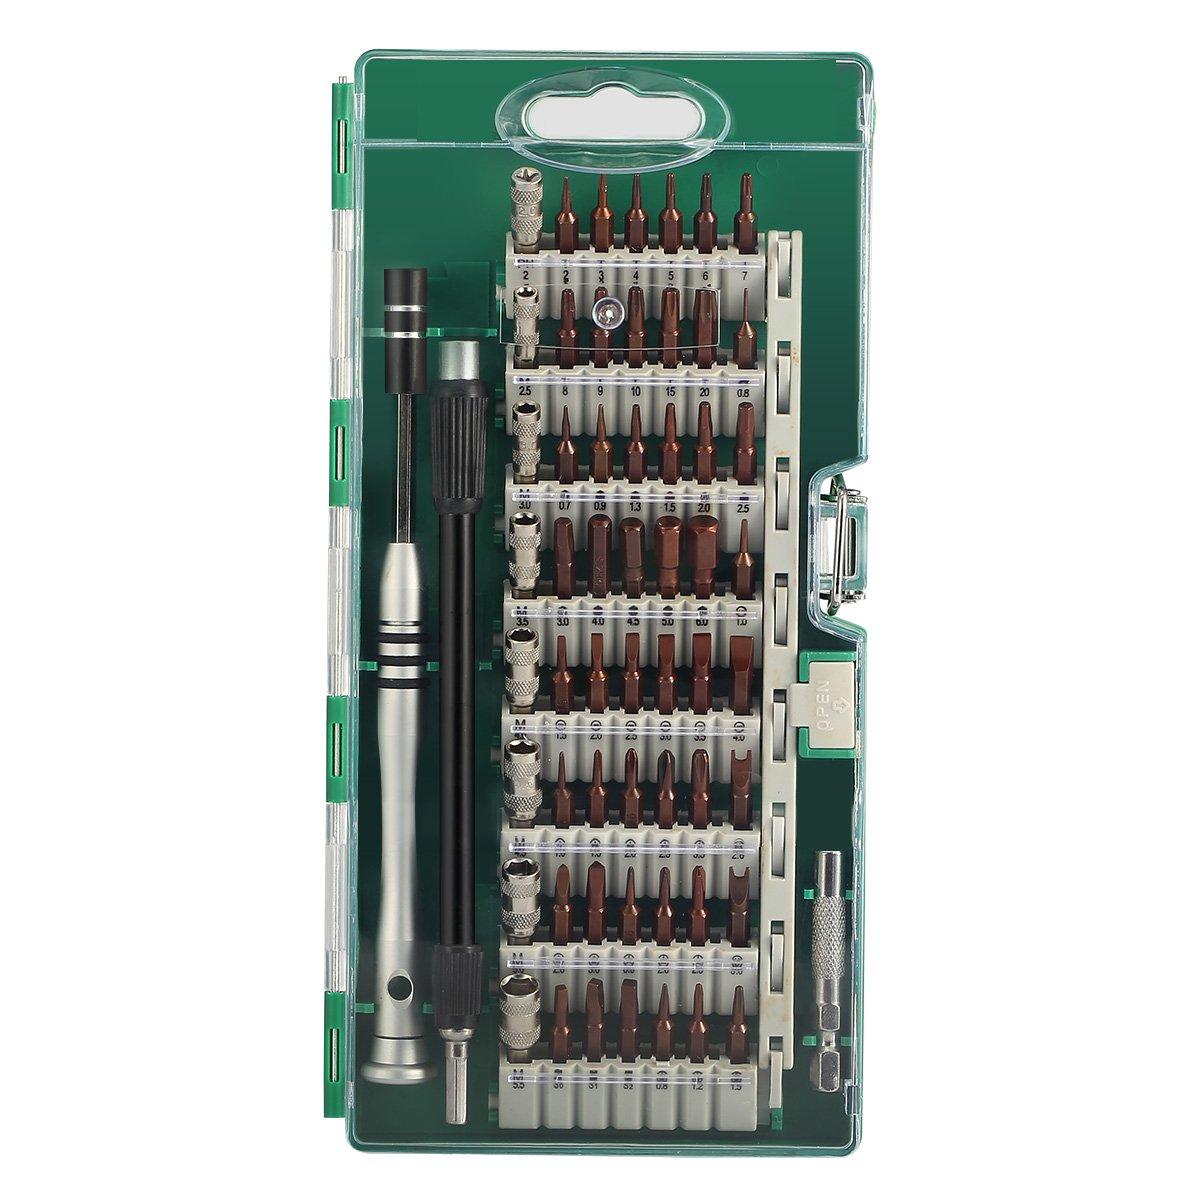 MECO 60 en 1 Destornilladores de Precisión Kit de Destornillador Completo Herramienta Reparación para Tablet PC, Ordenadores Portátiles, ...